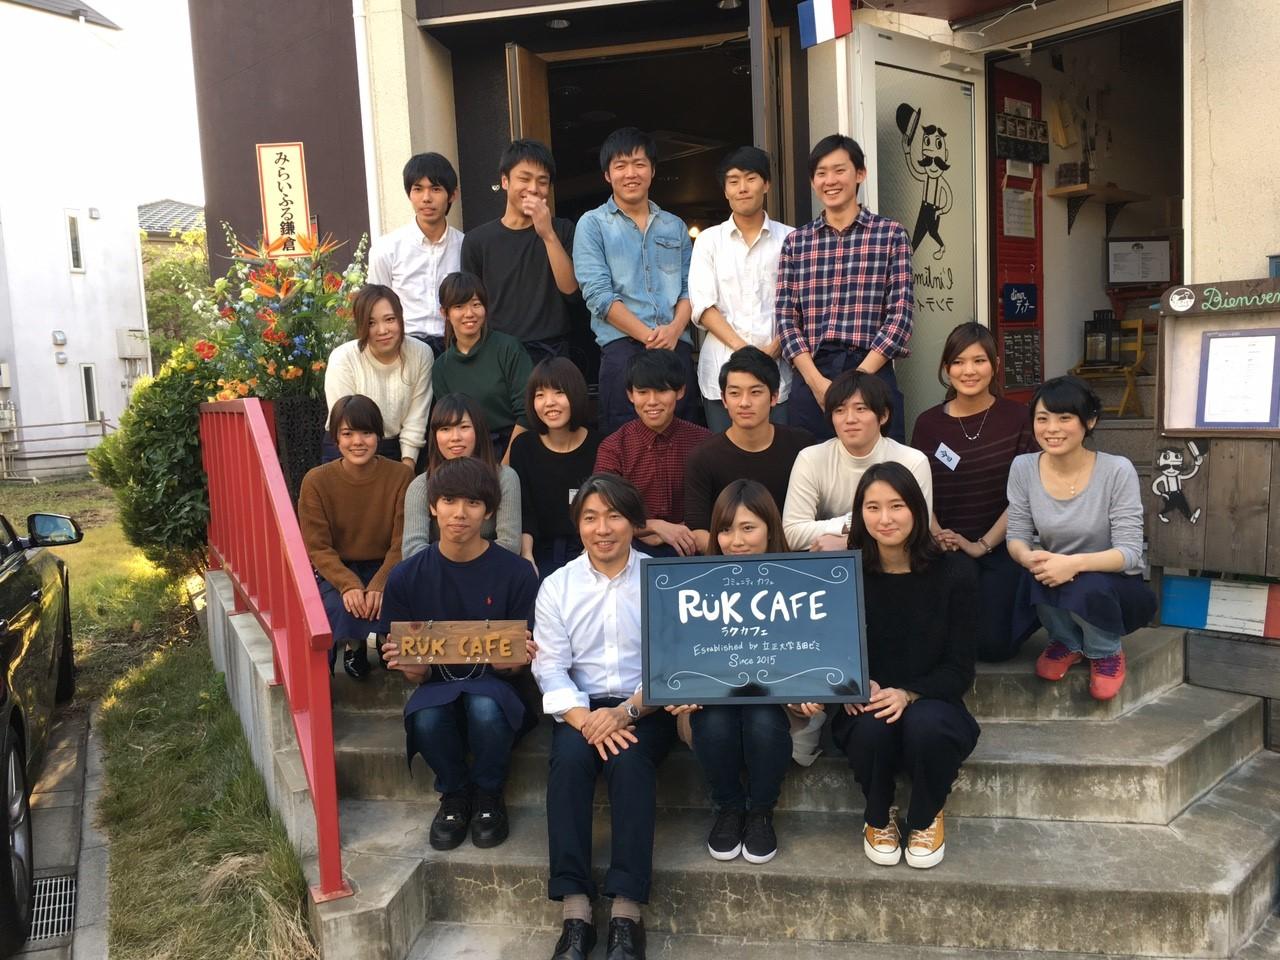 立正大学の学生が鎌倉に地域交流カフェ「RUK cafe」をオープン -- 日蓮聖人ゆかりの地「鎌倉」に住民の交流・学びの拠点づくりを目指す